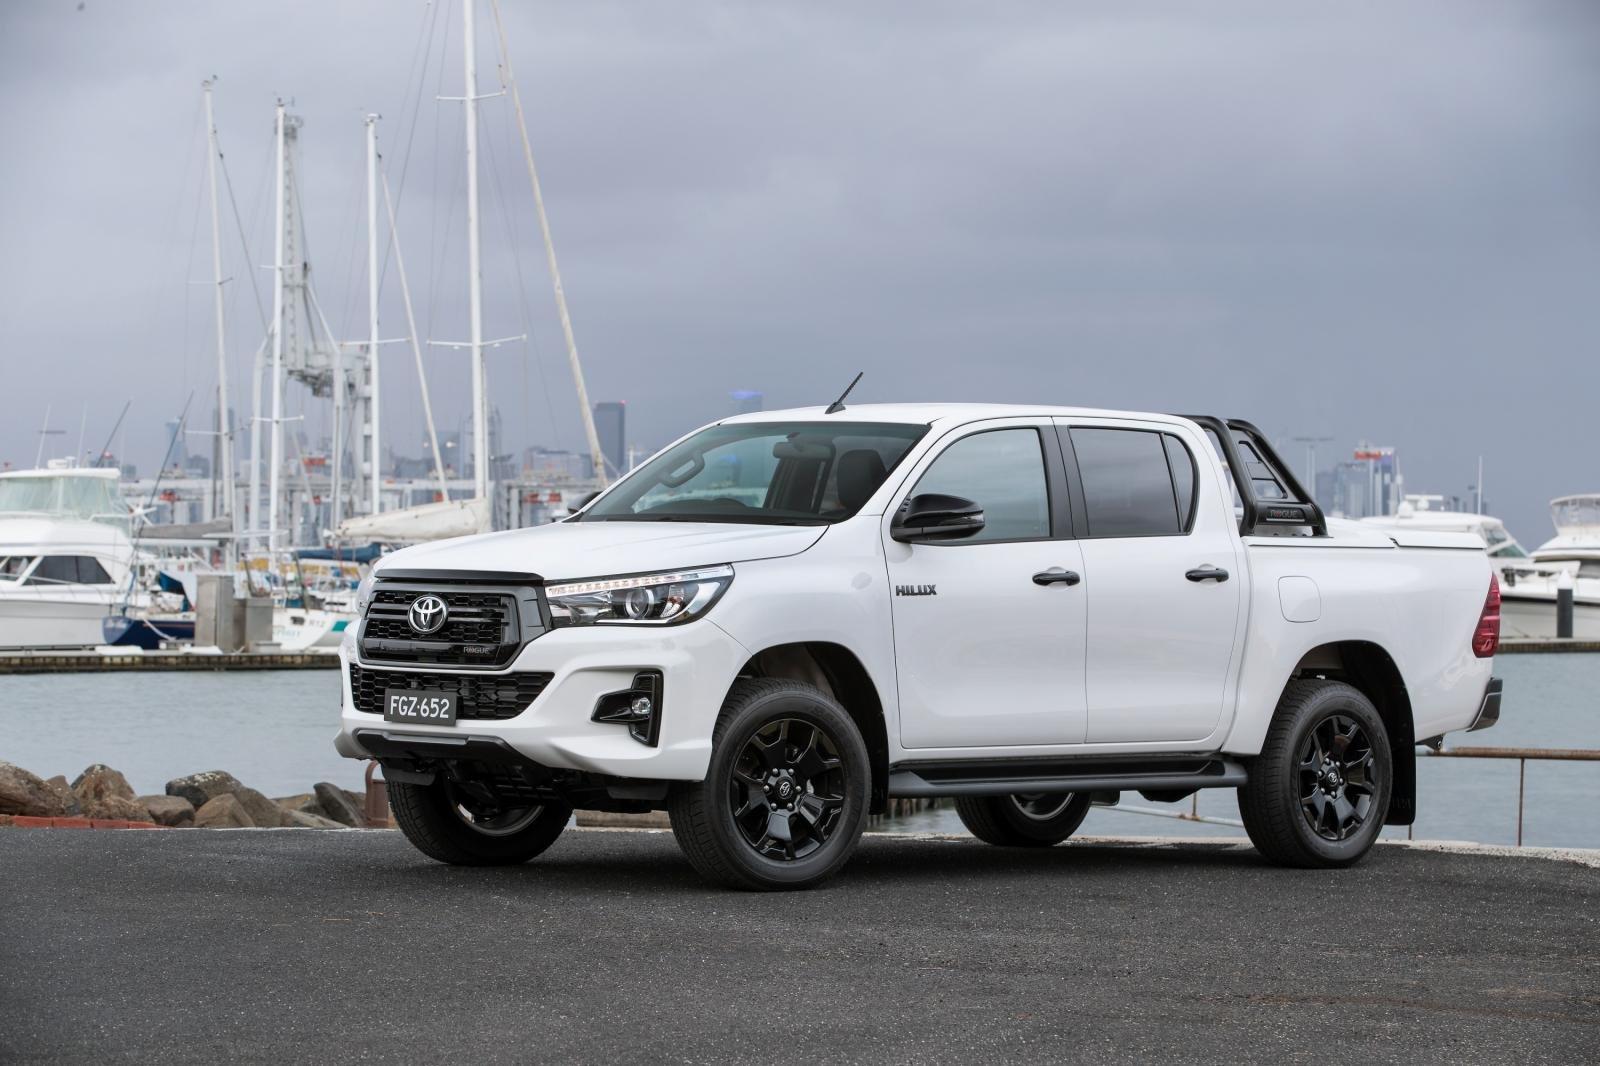 Xe bán tải ồ ạt giảm giá, riêng Isuzu Dmax giảm tới 160 triệu đồngm